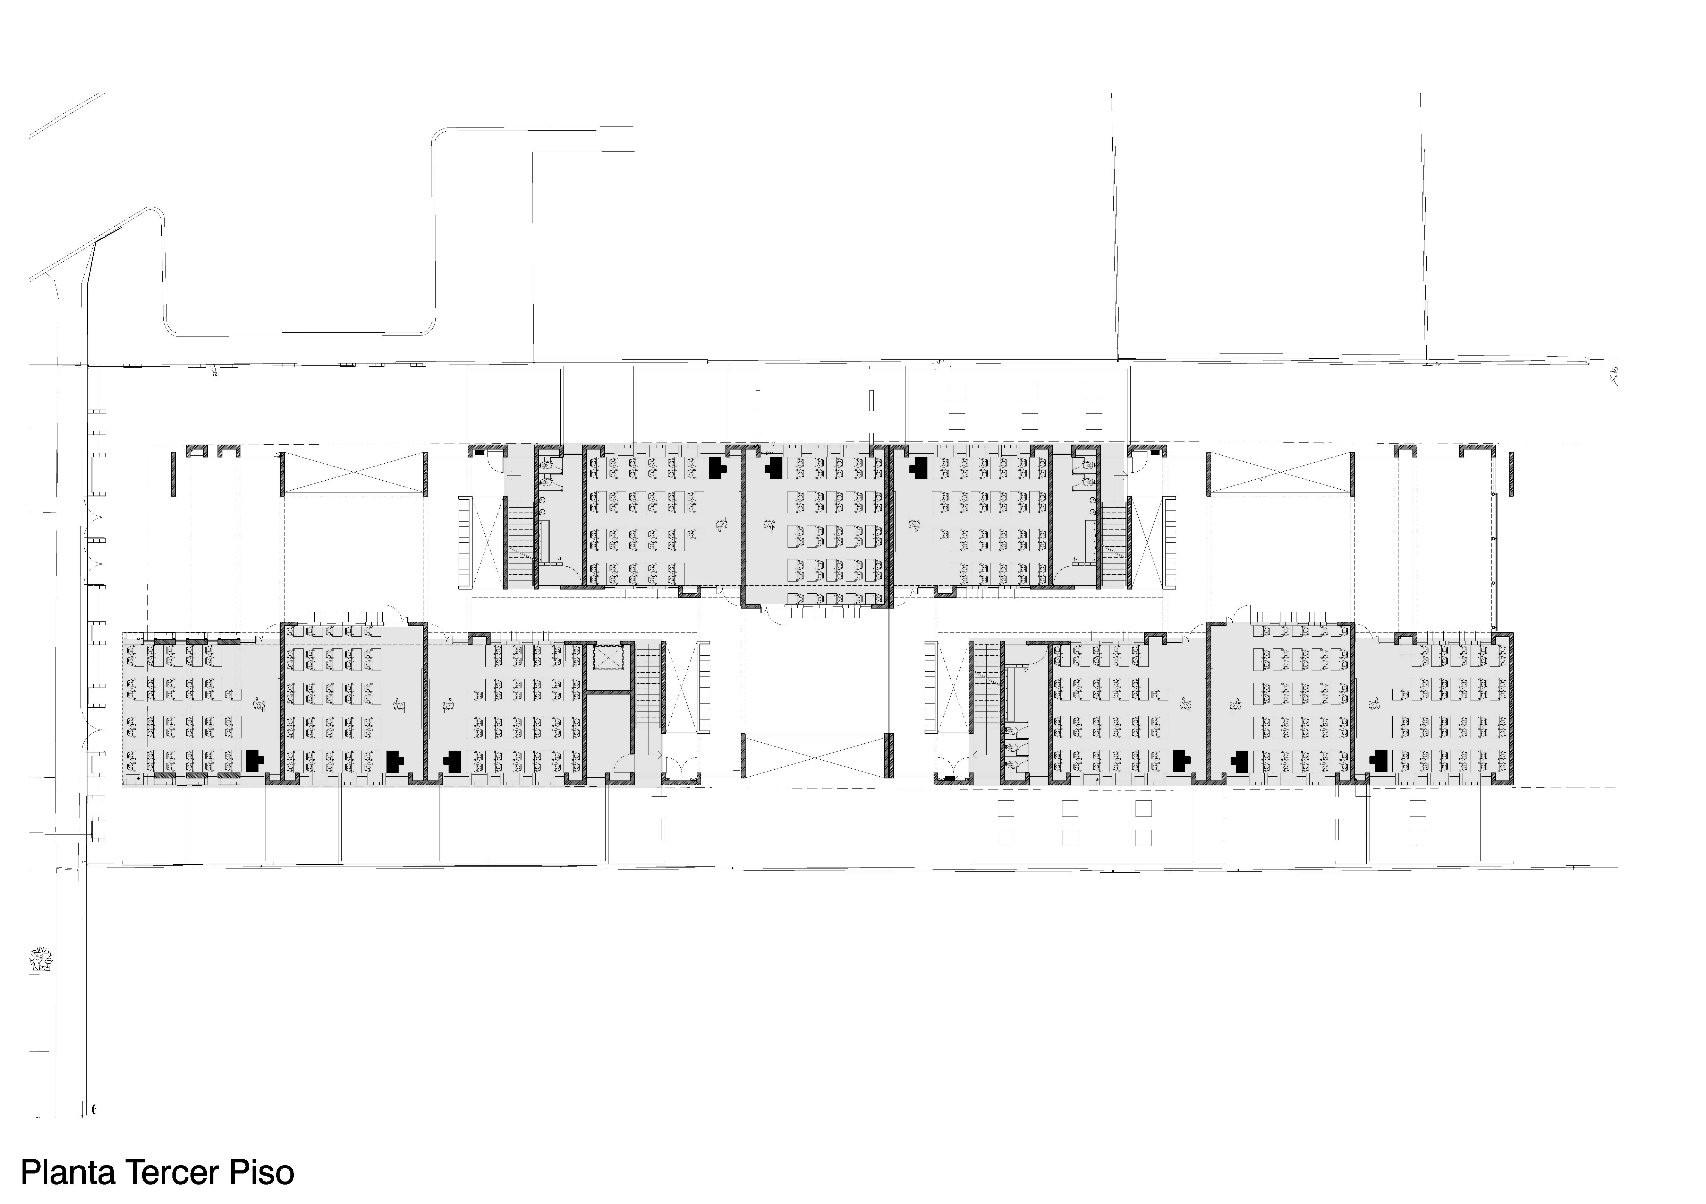 Galer a de colegio villa el sol gubbins arquitectos 23 for Plantas de colegios arquitectura